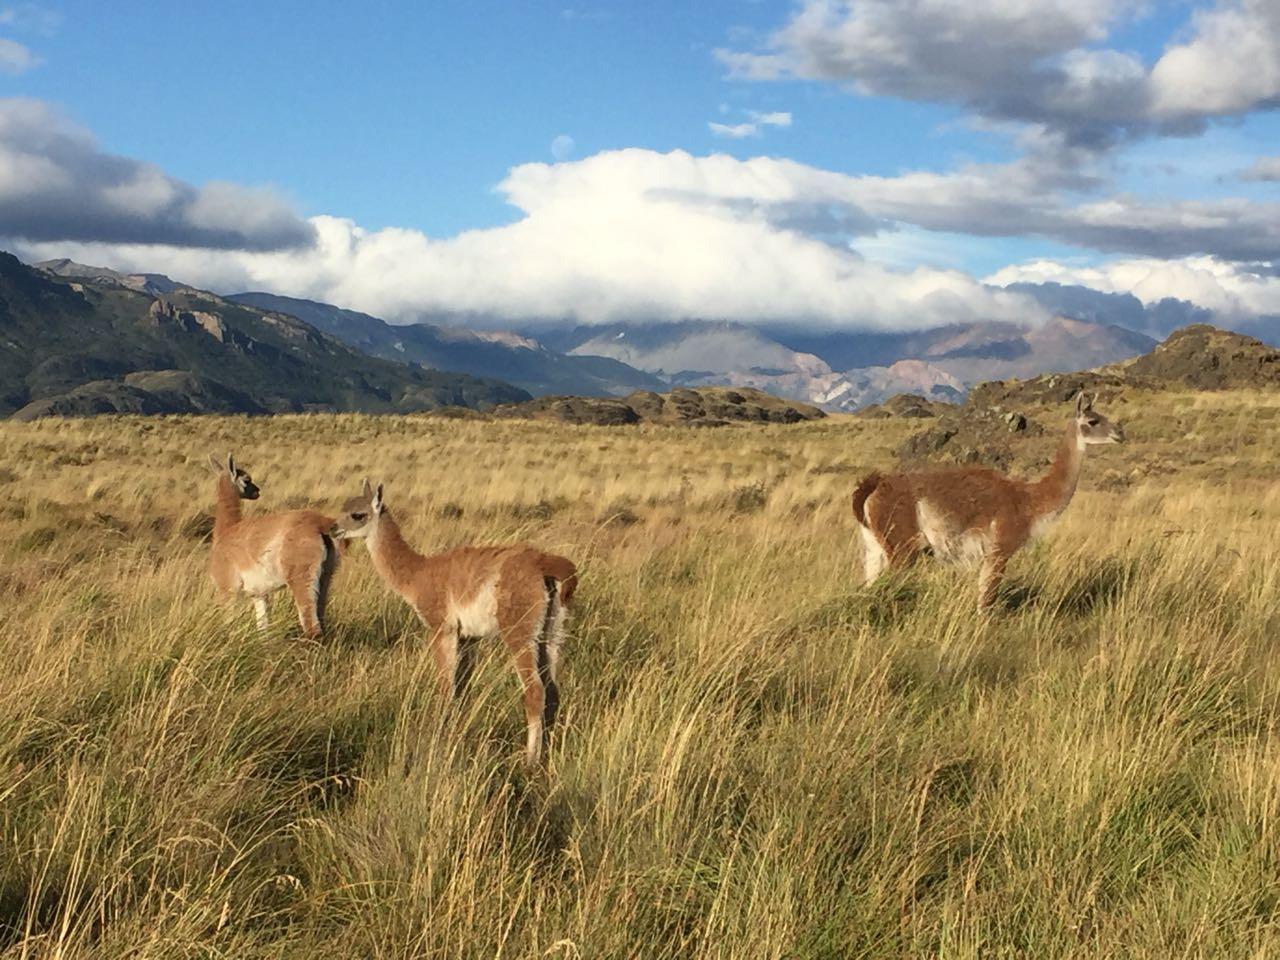 Nueva app permite ver principales puntos turísticos de Chile en 360°